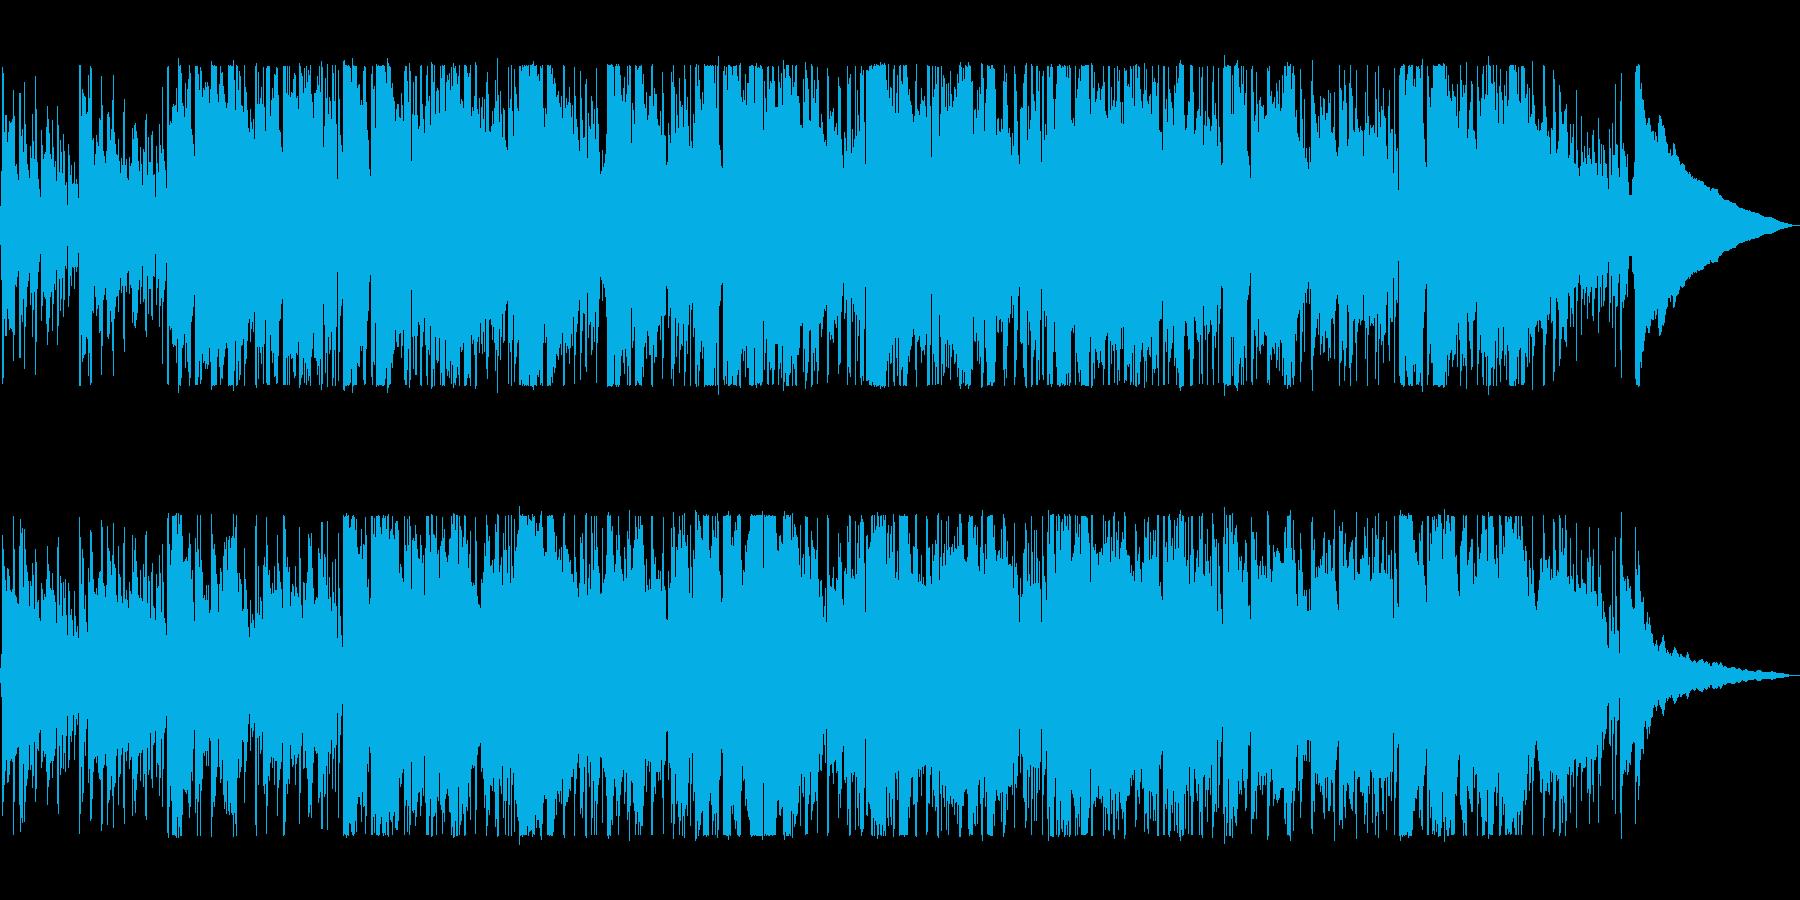 バイオリンのノスタルジックなバラードの再生済みの波形